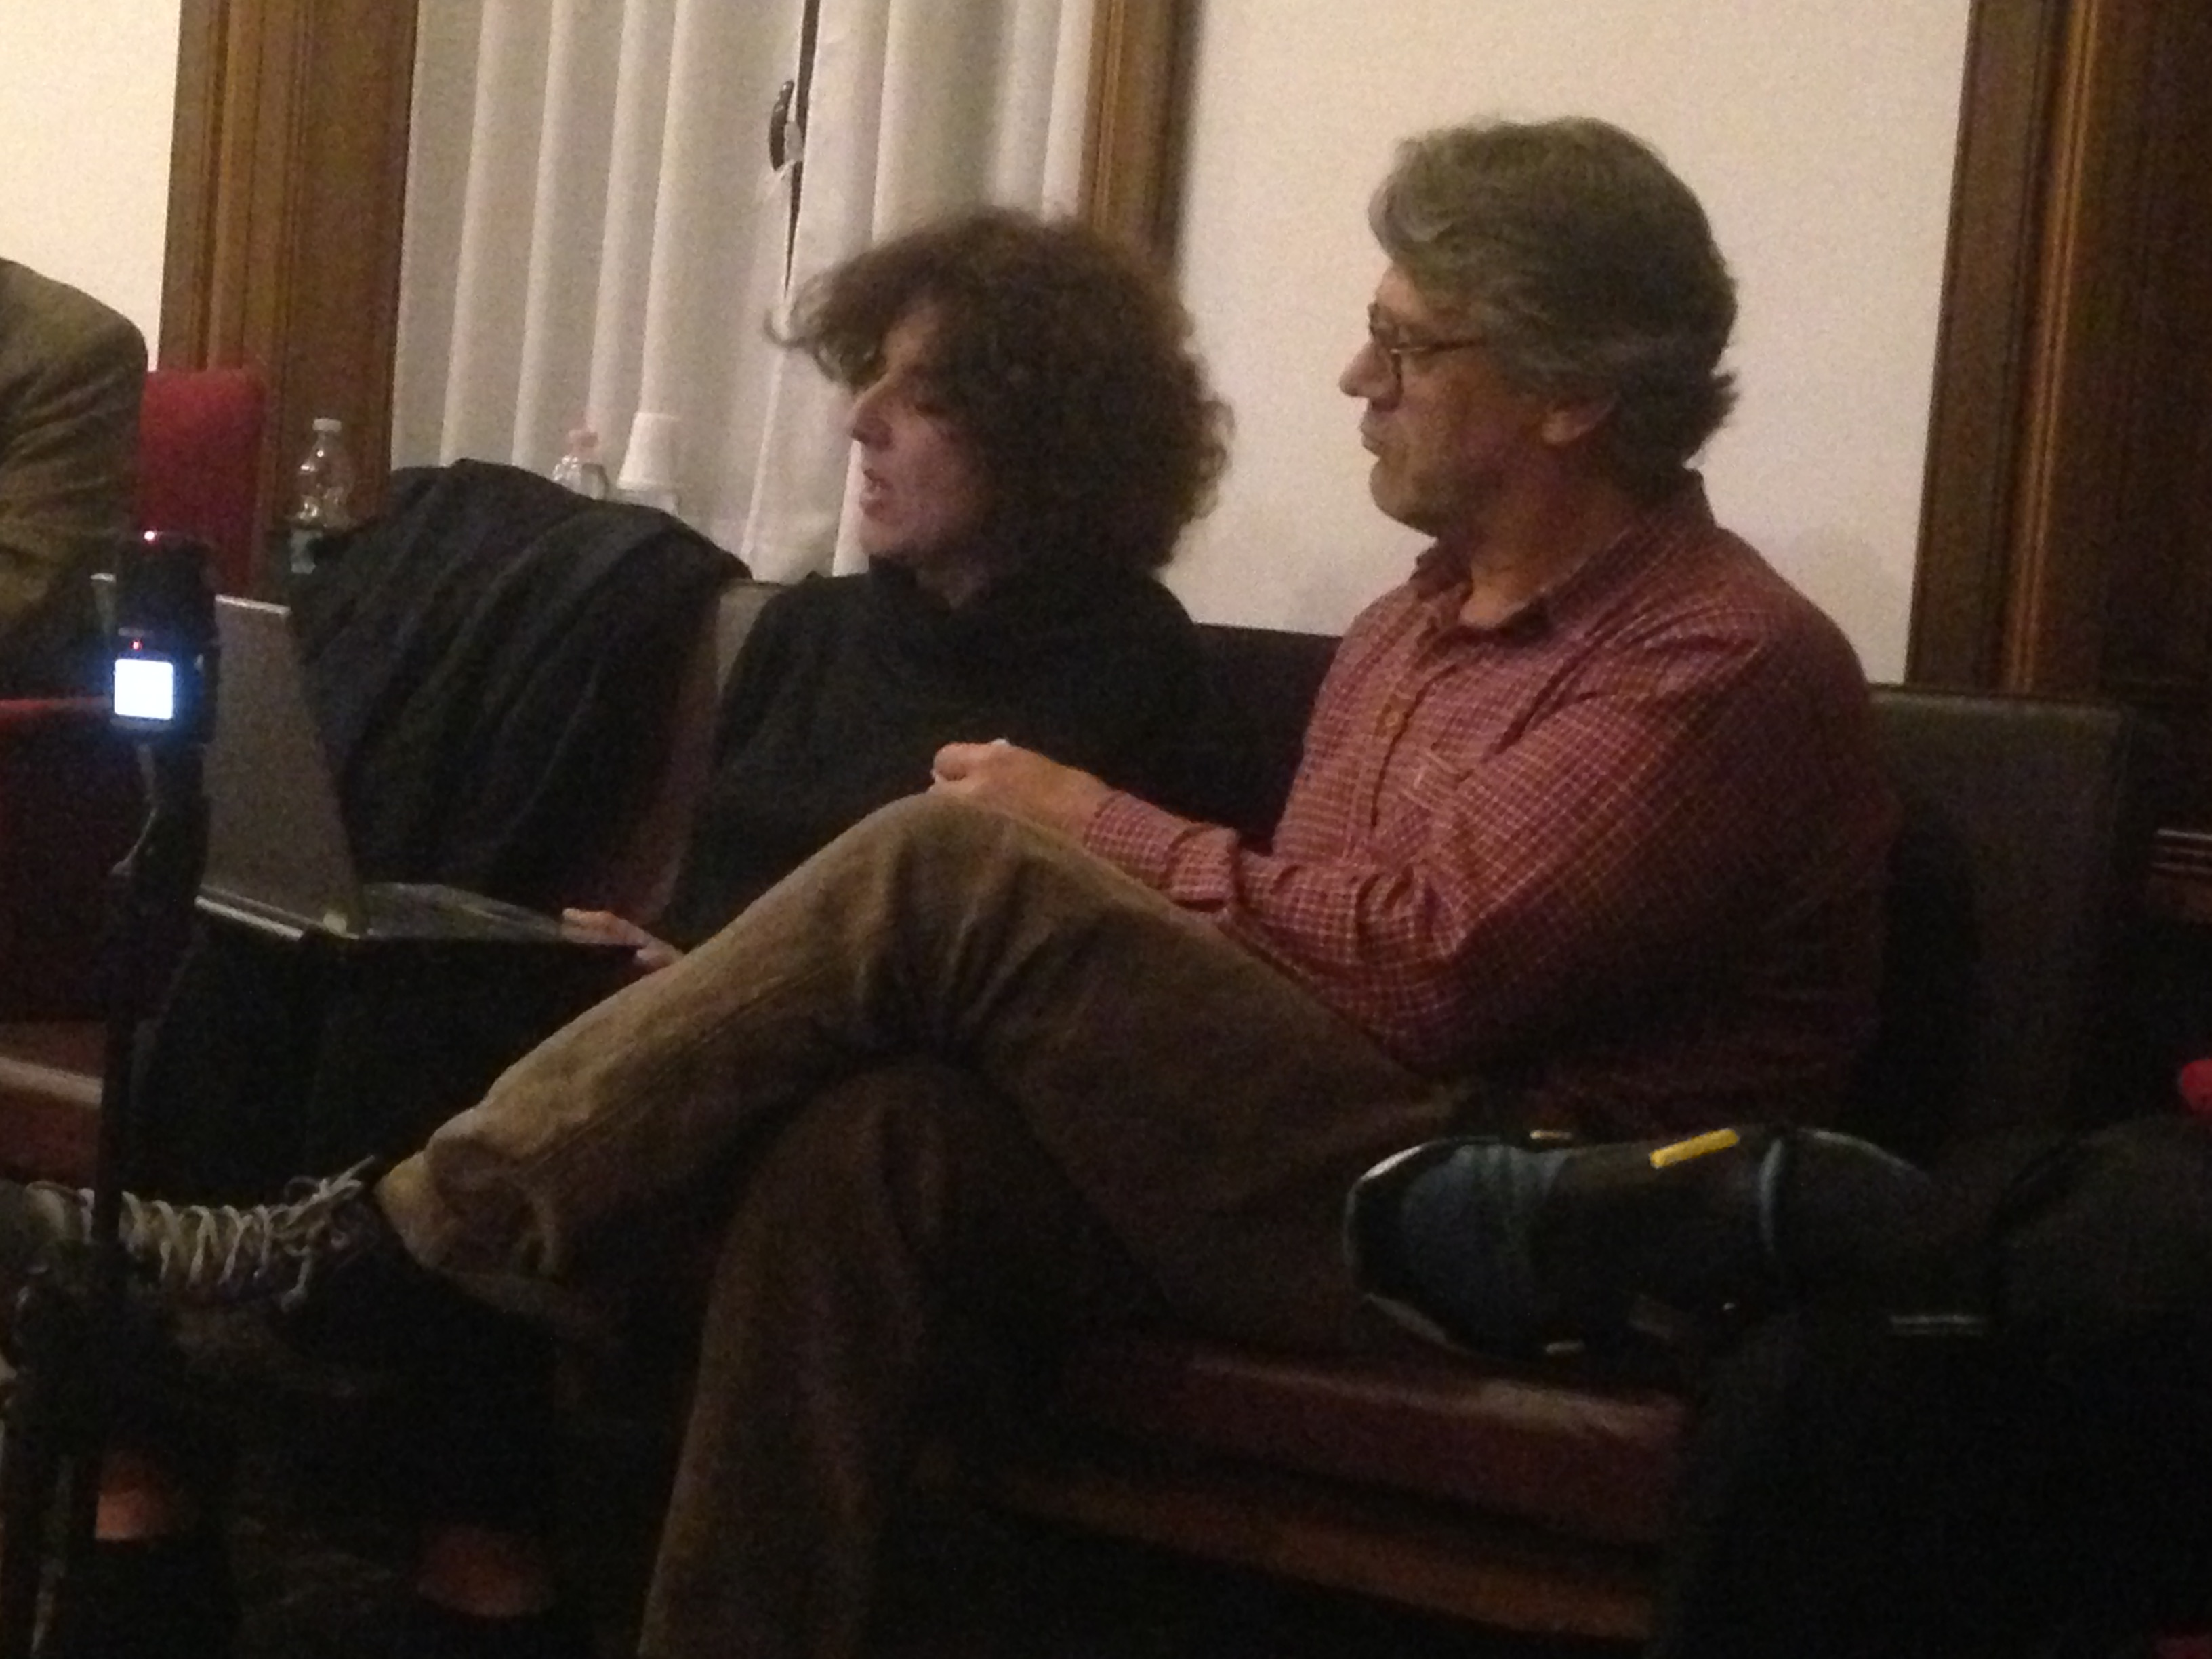 Lepetitemasculin (Cristina Fiordimela – Freddy Paul Grunert – architetta e museografa, artista e curatore) – oblio/felice connessione/presente